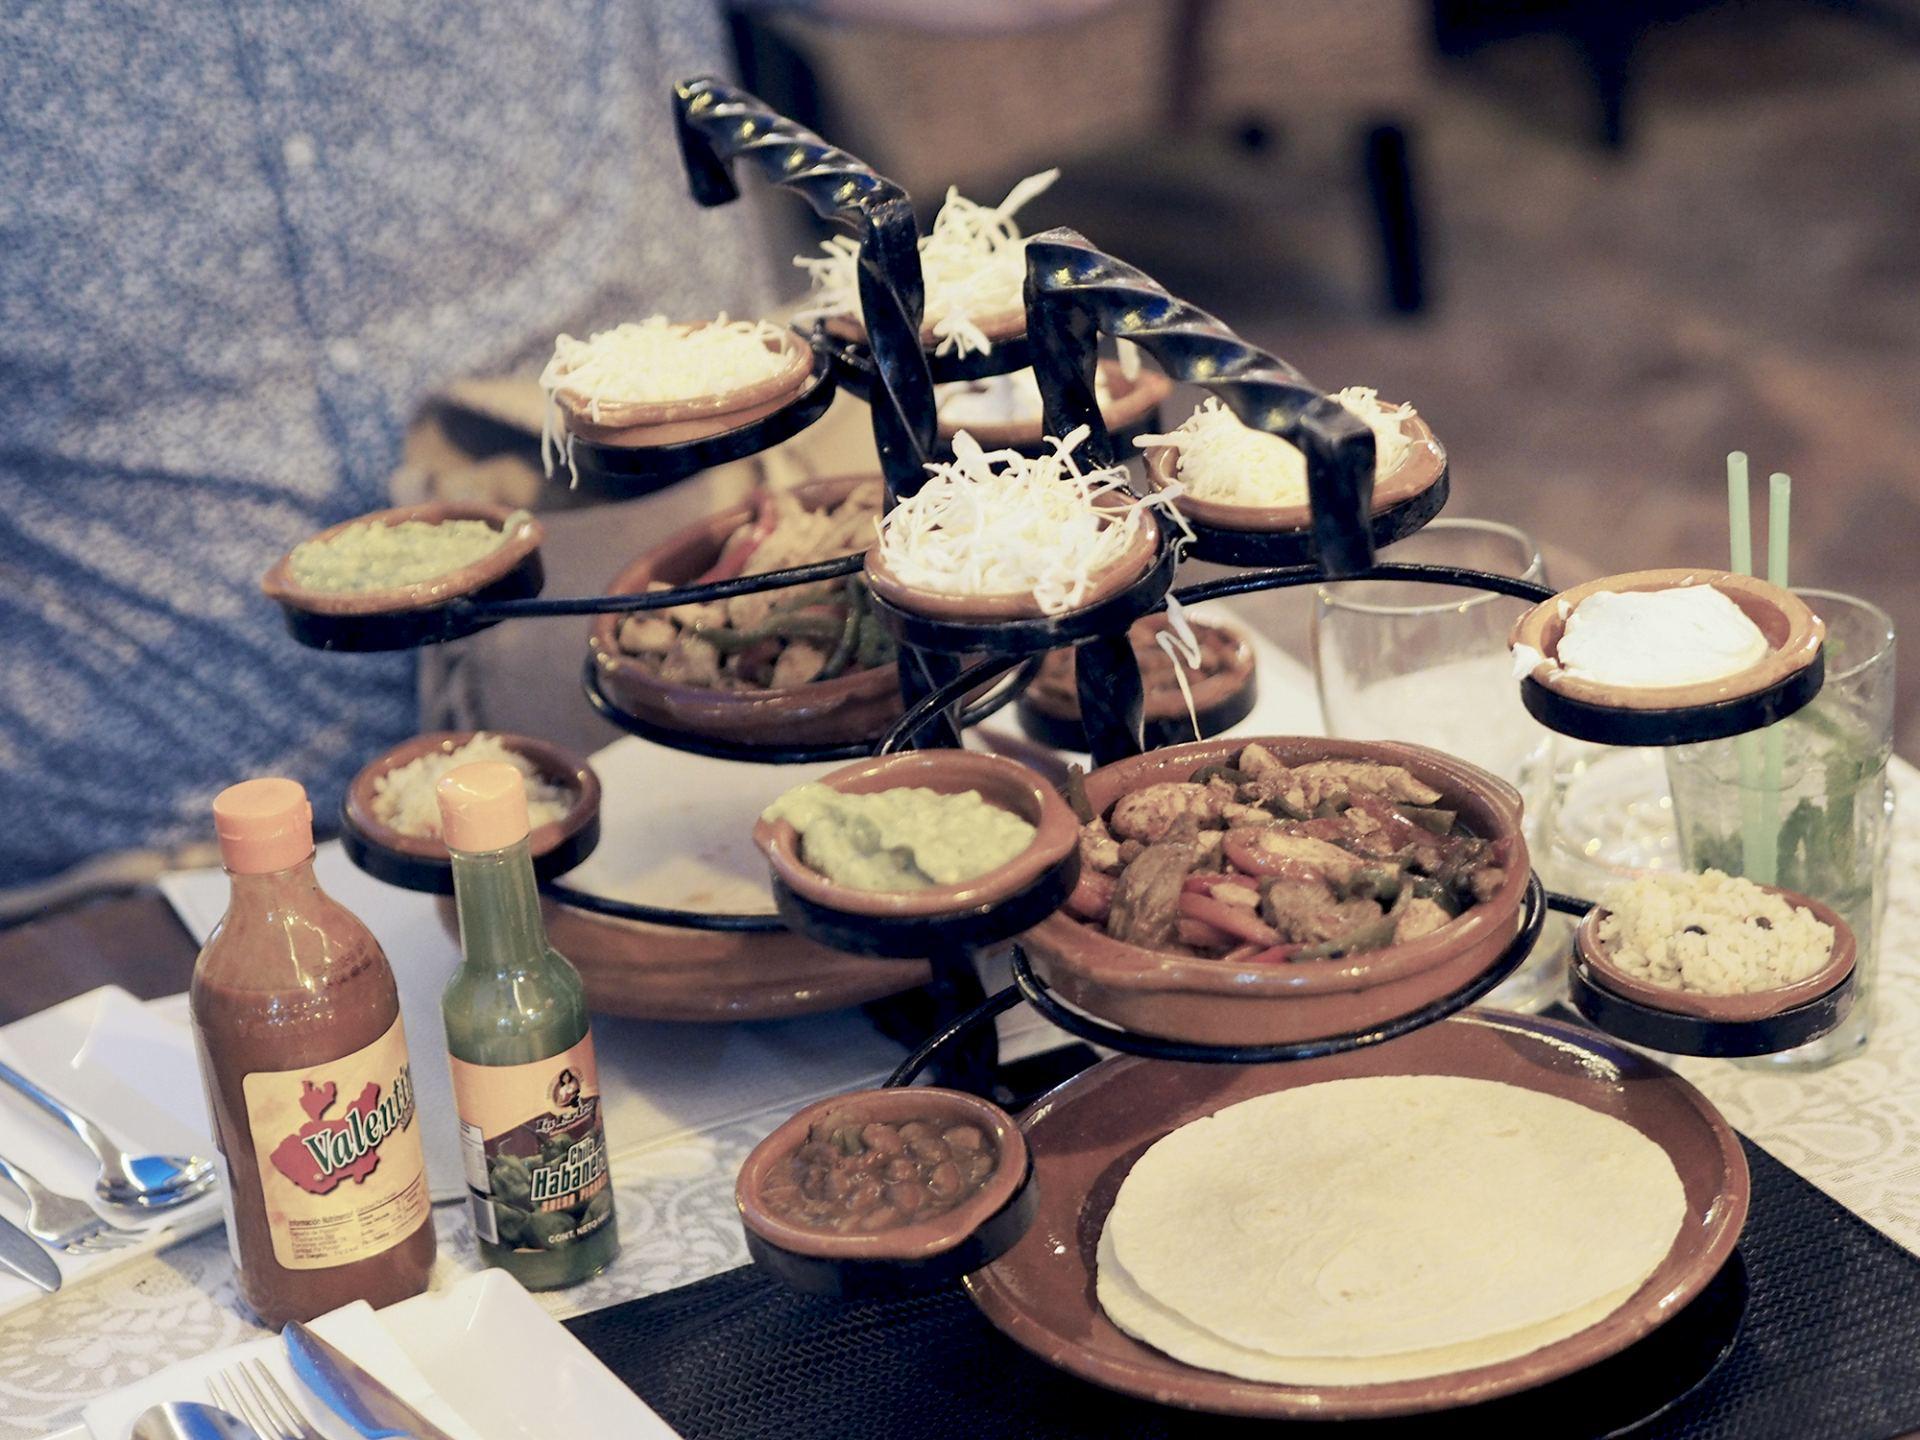 Cielito-Lindo-restaurant-nerja